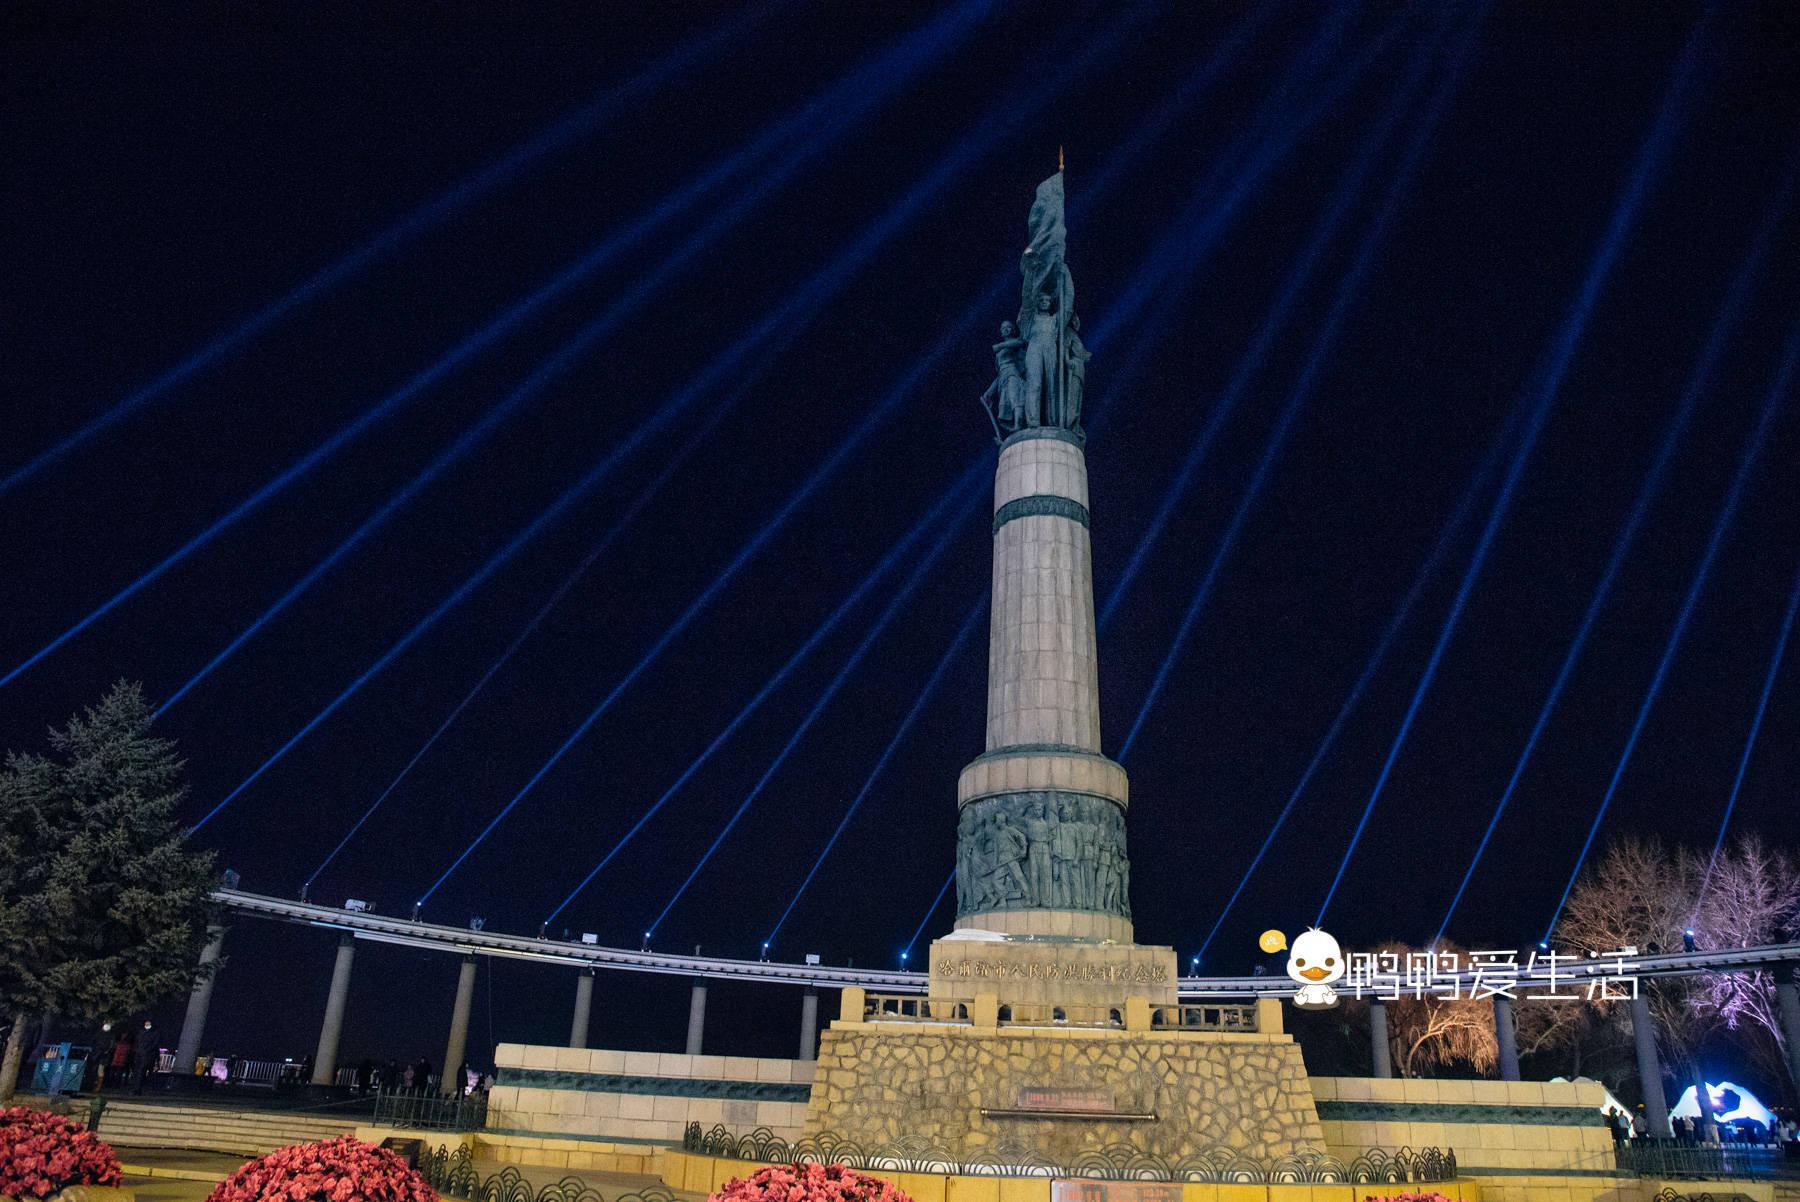 哈尔滨沿江公园,独具俄罗斯风情,夜景很漂亮名字却争议不断